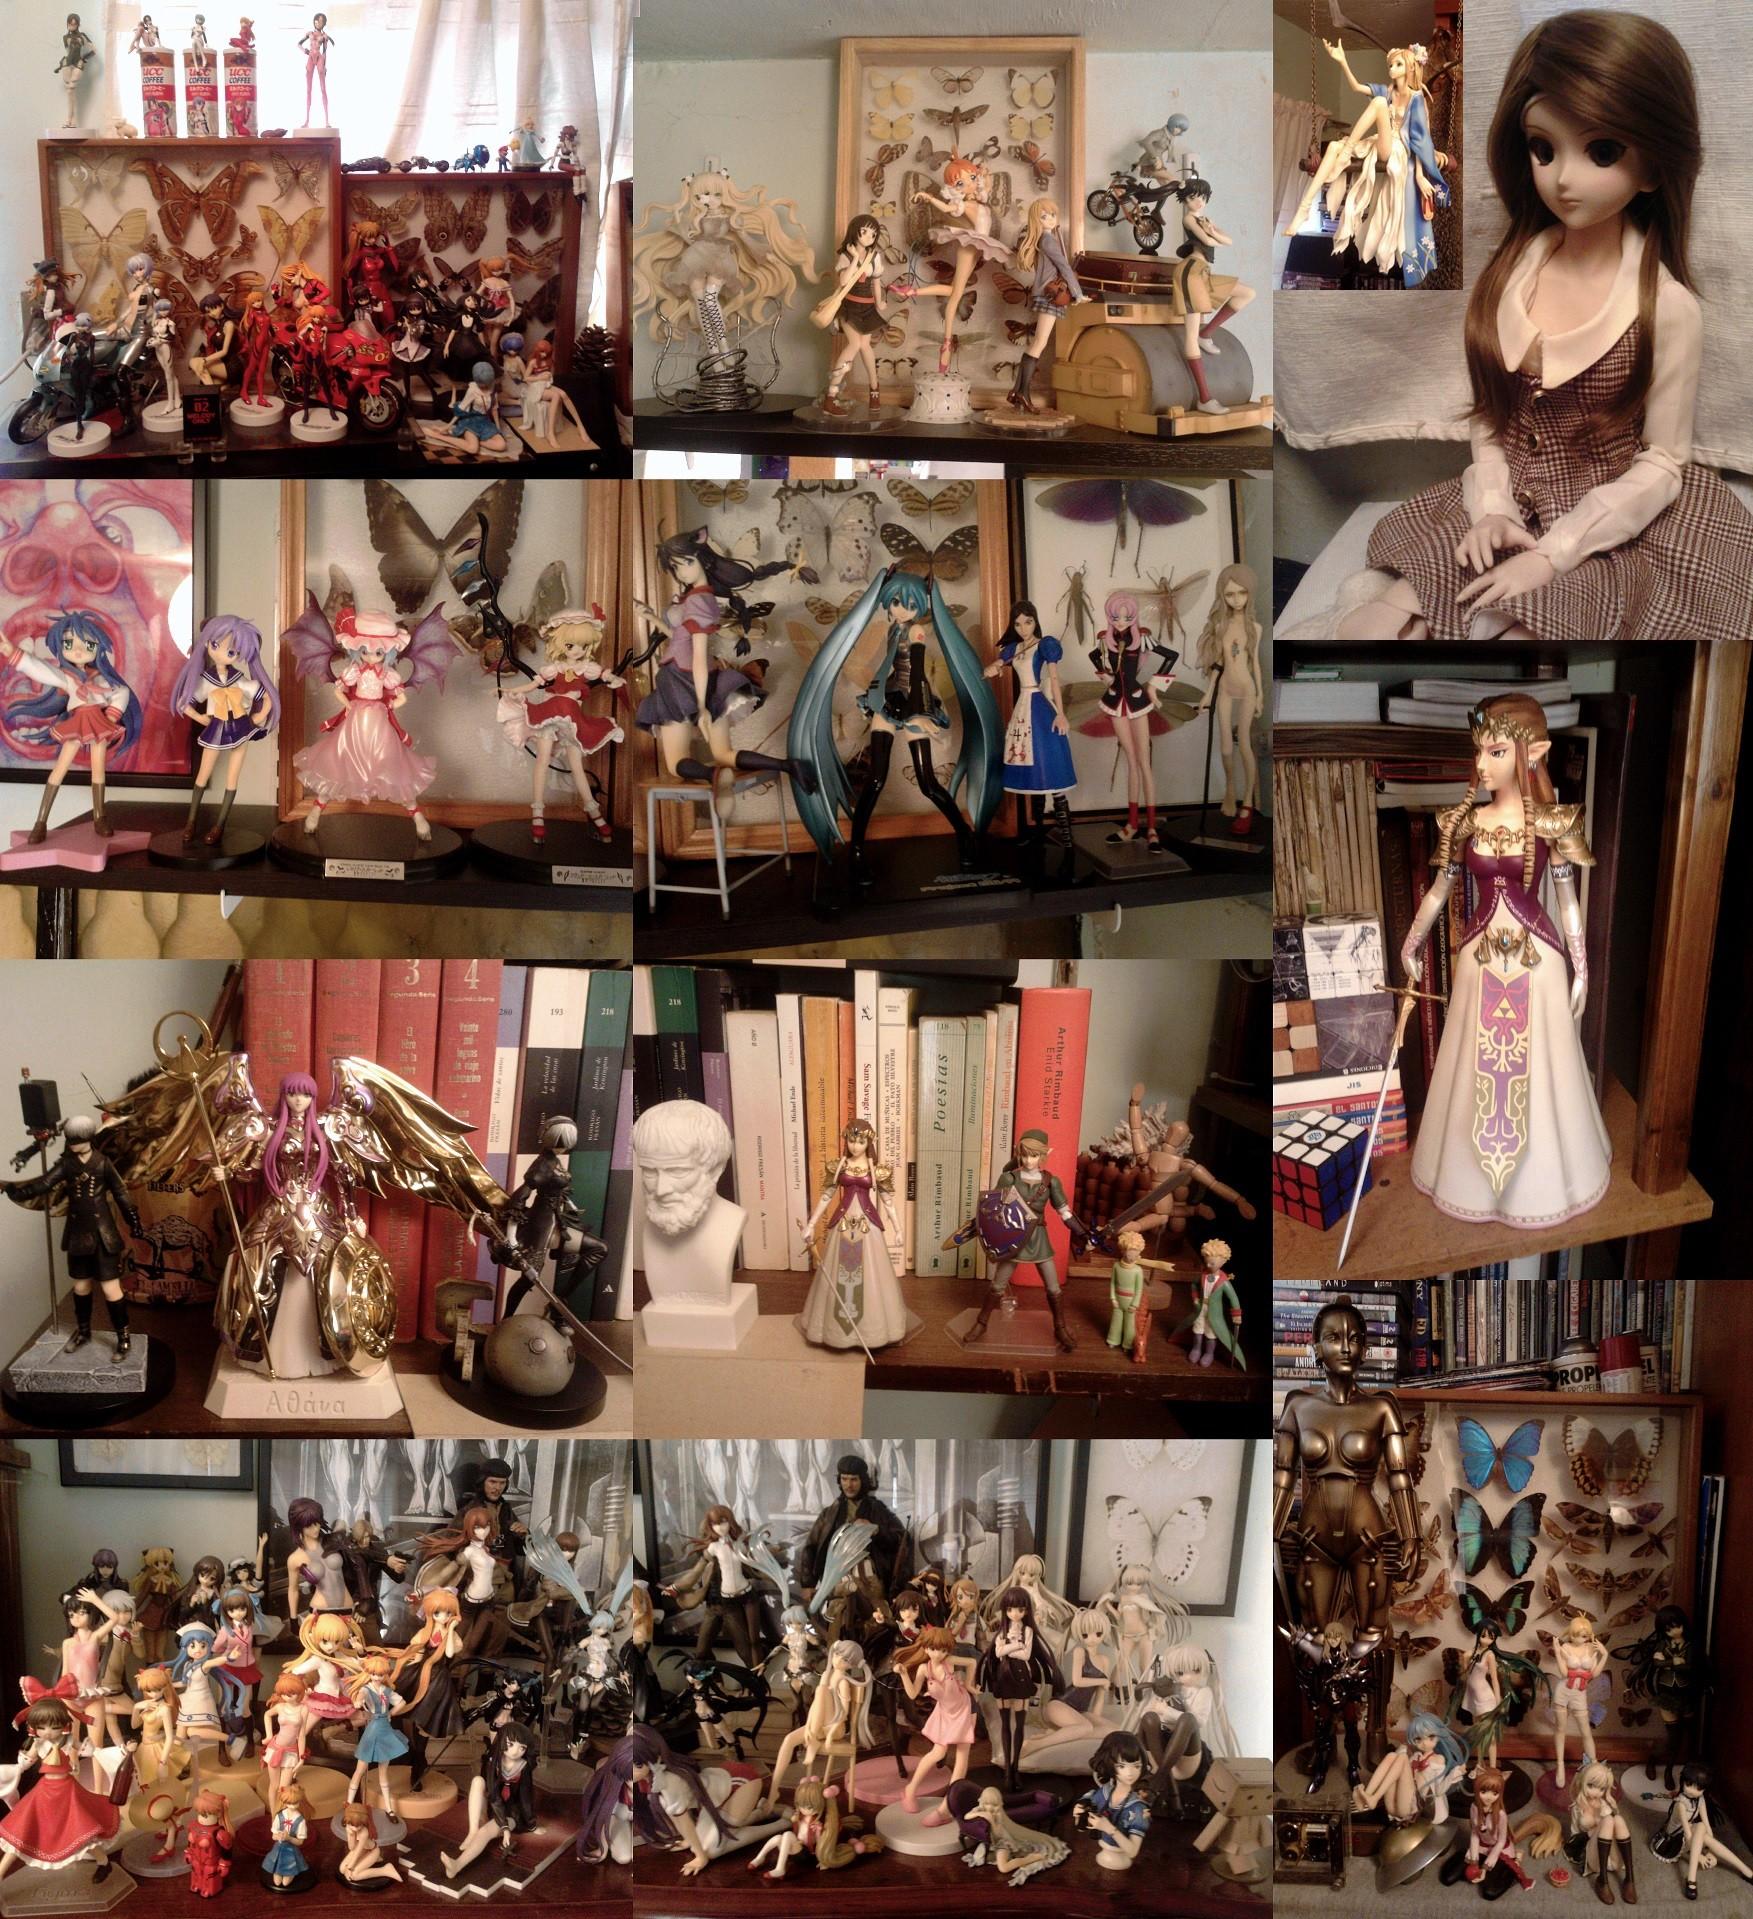 figma gainax key wave kotobukiya clamp megahouse sega chii touhou_project alice chobits saint_seiya alter hatsune_miku kaiyodo hakurei_reimu max_factory k-on! good_smile_company holo hiiragi_kagami izumi_konata bandai nakano_azusa griffon_enterprises ayanami_rei katsuragi_misato kokonoe_rin danboard ookami_to_koushinryou kodomo_no_jikan makinami_mari_illustrious jigoku_shoujo beach_queens school_days air souryuu_asuka_langley lucky☆star bubba flandre_scarlet medicom_toy shin_seiki_evangelion kusanagi_motoko katsura_kotonoha kamio_misuzu evangelion_shin_gekijouban visual_art's team_shanghai_alice takaku_&_takeshi asai_(apsy)_masaki kawanishi_ken inagaki_hiroshi i-con ex_figure shirahige_tsukuru cm's_corporation toy's_planning key_10th_memorial_fes vispo katagiri_katsuhiro enoki_tomohide khara enma_ai asano_yuuji saint_cloth_myth_-_myth_cloth tsuru_no_yakata ousaka_miki treasure_figure_collection konuma_yoshimasa furyu yosuga_no_sora kasugano_sora questioners yotsuba&! atelier_sai real_action_heroes arakawa_yasuyuki shoujo_kakumei_utena tenjou_utena nakao_yoshimasa sawada_keisuke housen_elis canvas_2_~akane_iro_no_palette~ seikoro_caramel alpha_dubhe_siegfried tanaka-sensei princess_tutu alice_in_eternalland brilliant_stage hgif_series_shin_seiki_evangelion_~sadamoto_yoshiyuki_collection_2~ hgif_series_shin_seiki_evangelion_~sadamoto_yoshiyuki_collection~ real_model iwanaga_sakurako otoyama_houjun shirow_masamune koukaku_kidotai_s.a.c._solid_state_society hatsune_miku_-project_diva- wonder_festival_2008_[summer] wonder_festival_2008_[winter]